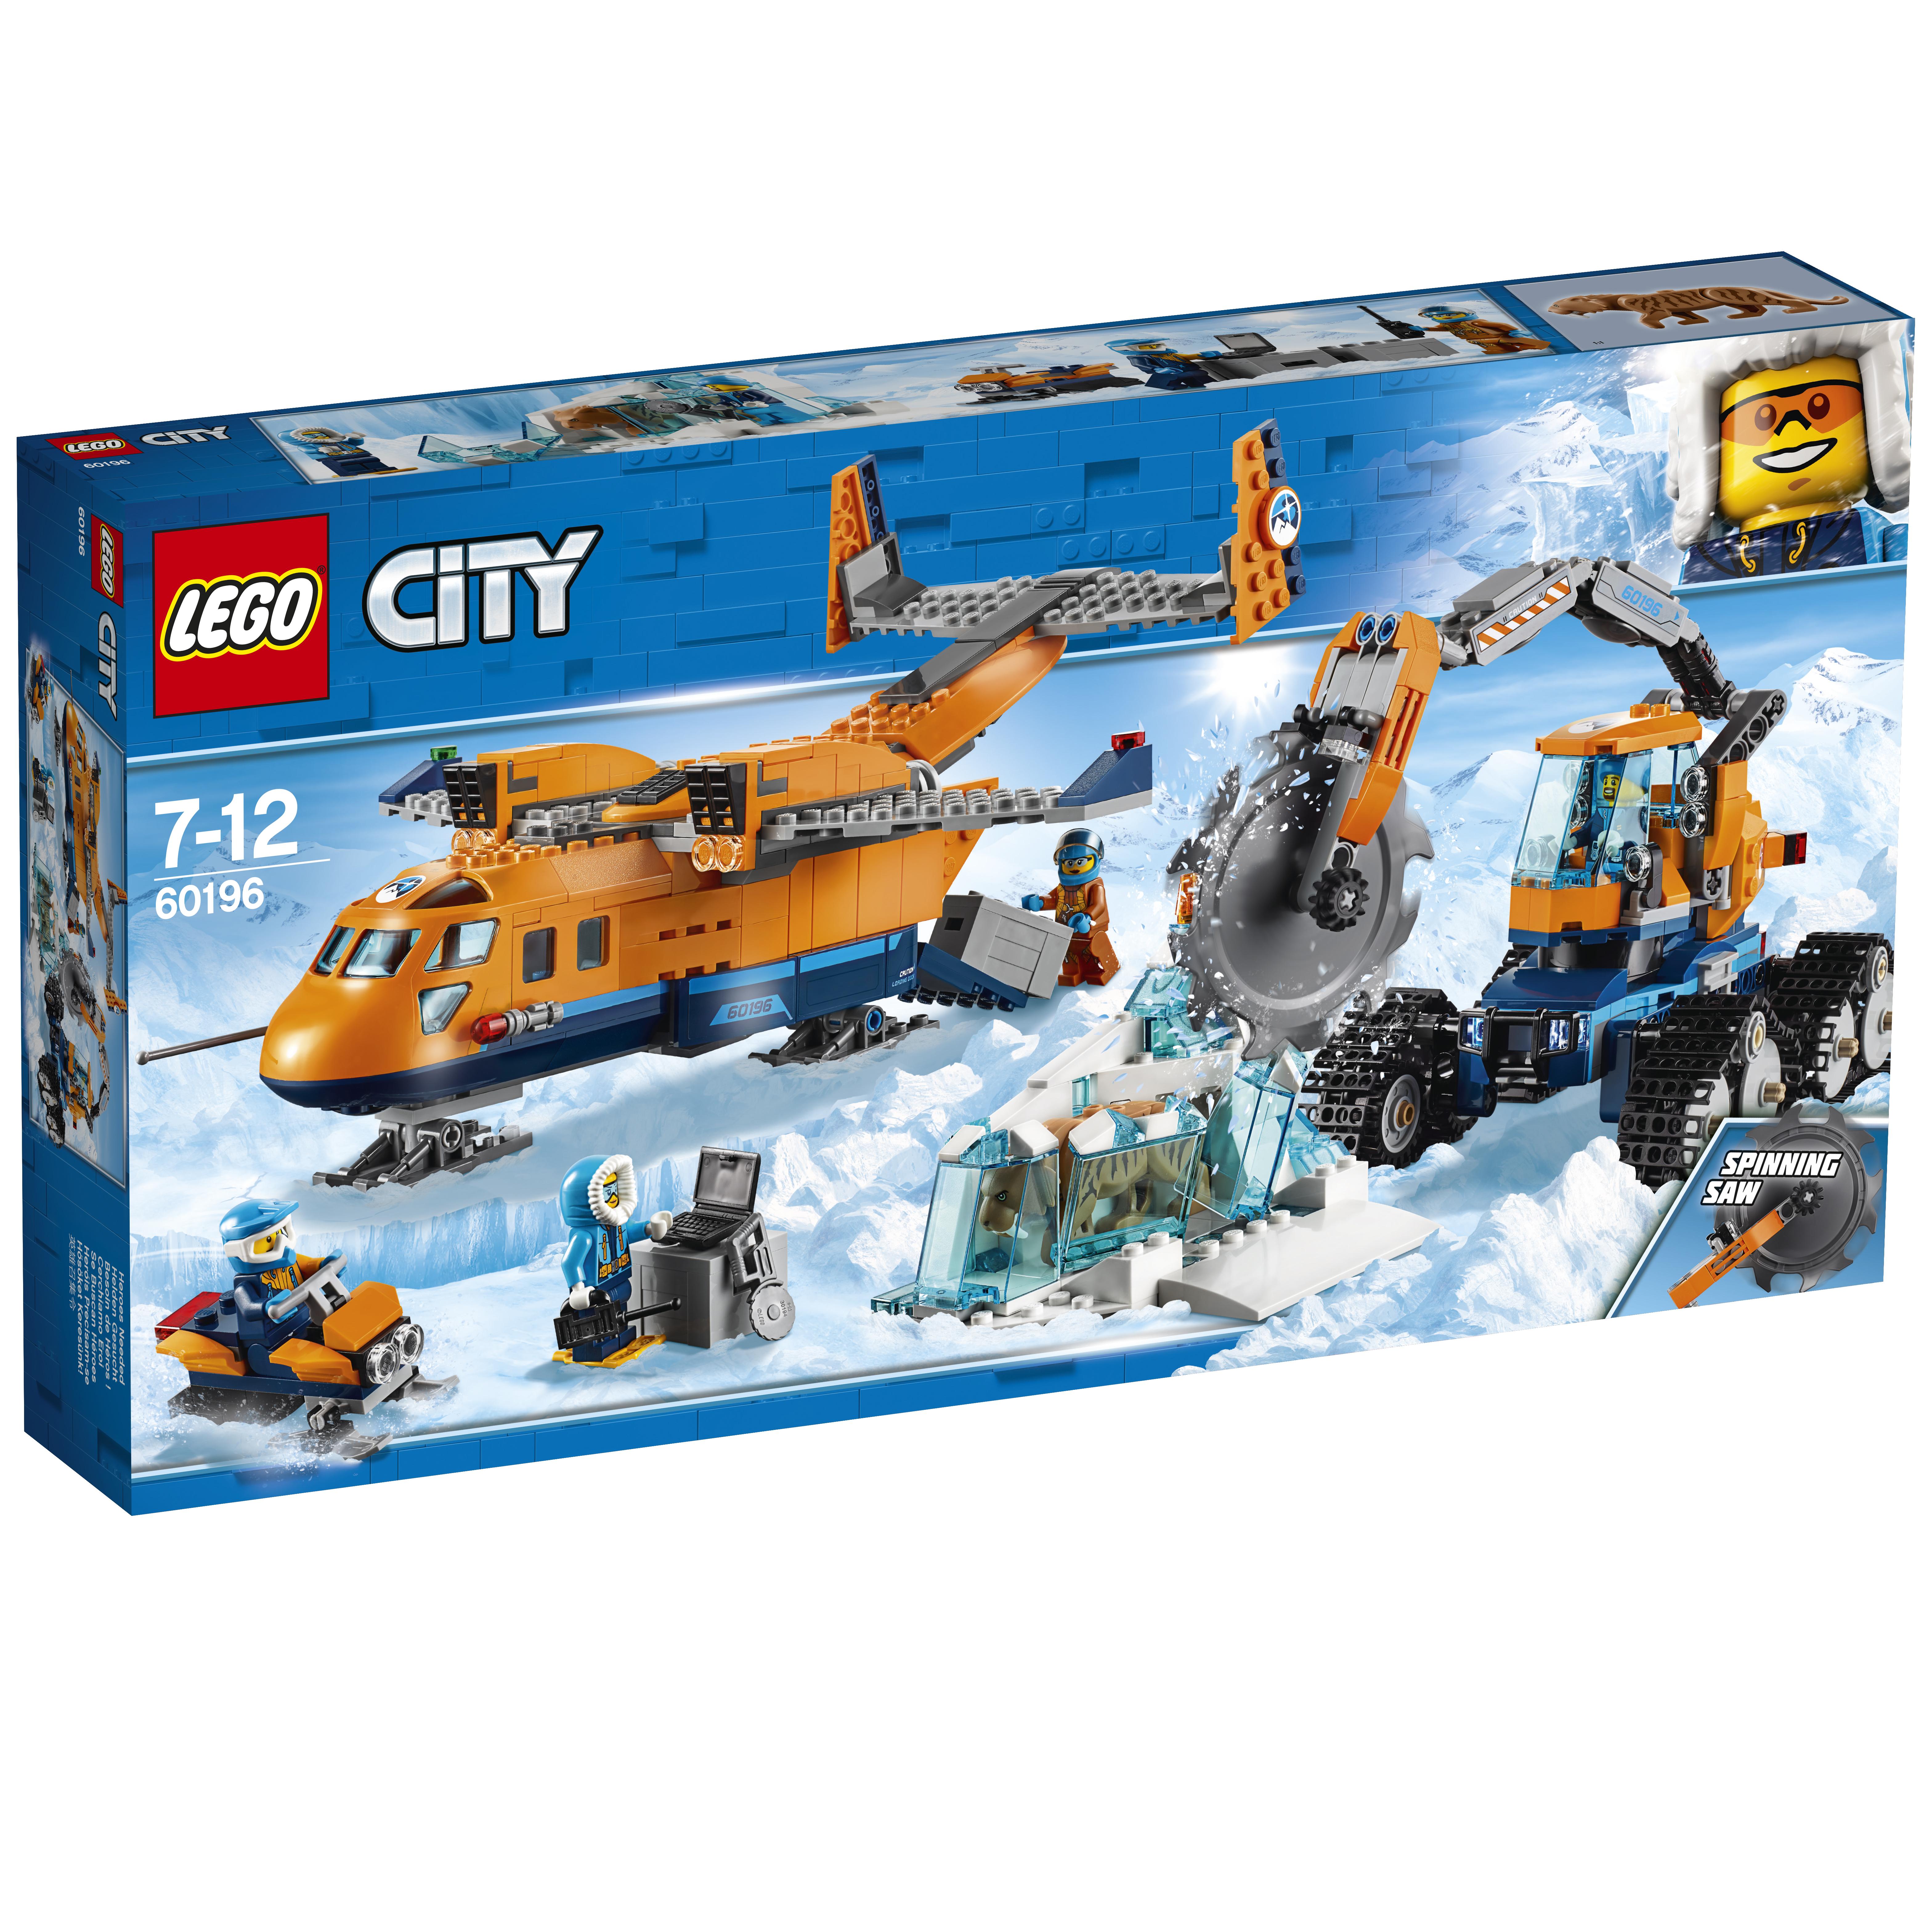 Конструктор LEGO City Arctic Expediti 60196 Арктический грузовой самолёт